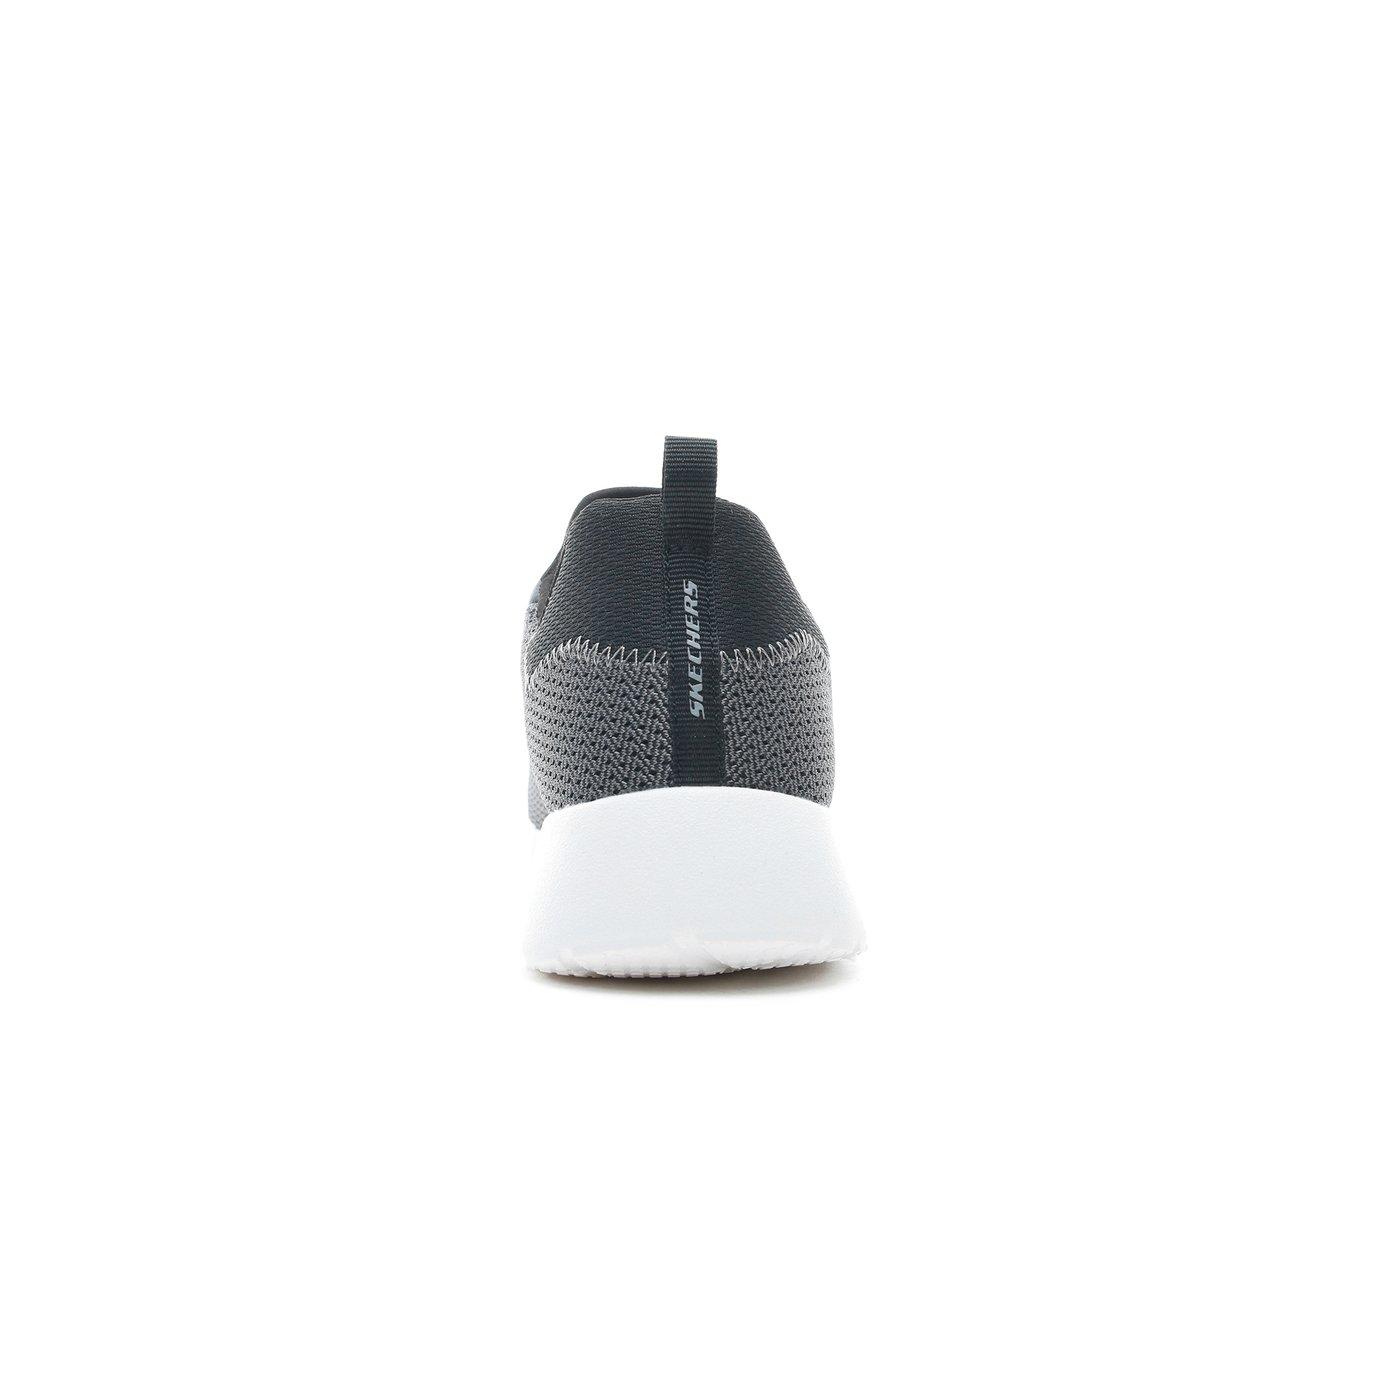 Skechers Dynamight Erkek Gri Spor Ayakkabı